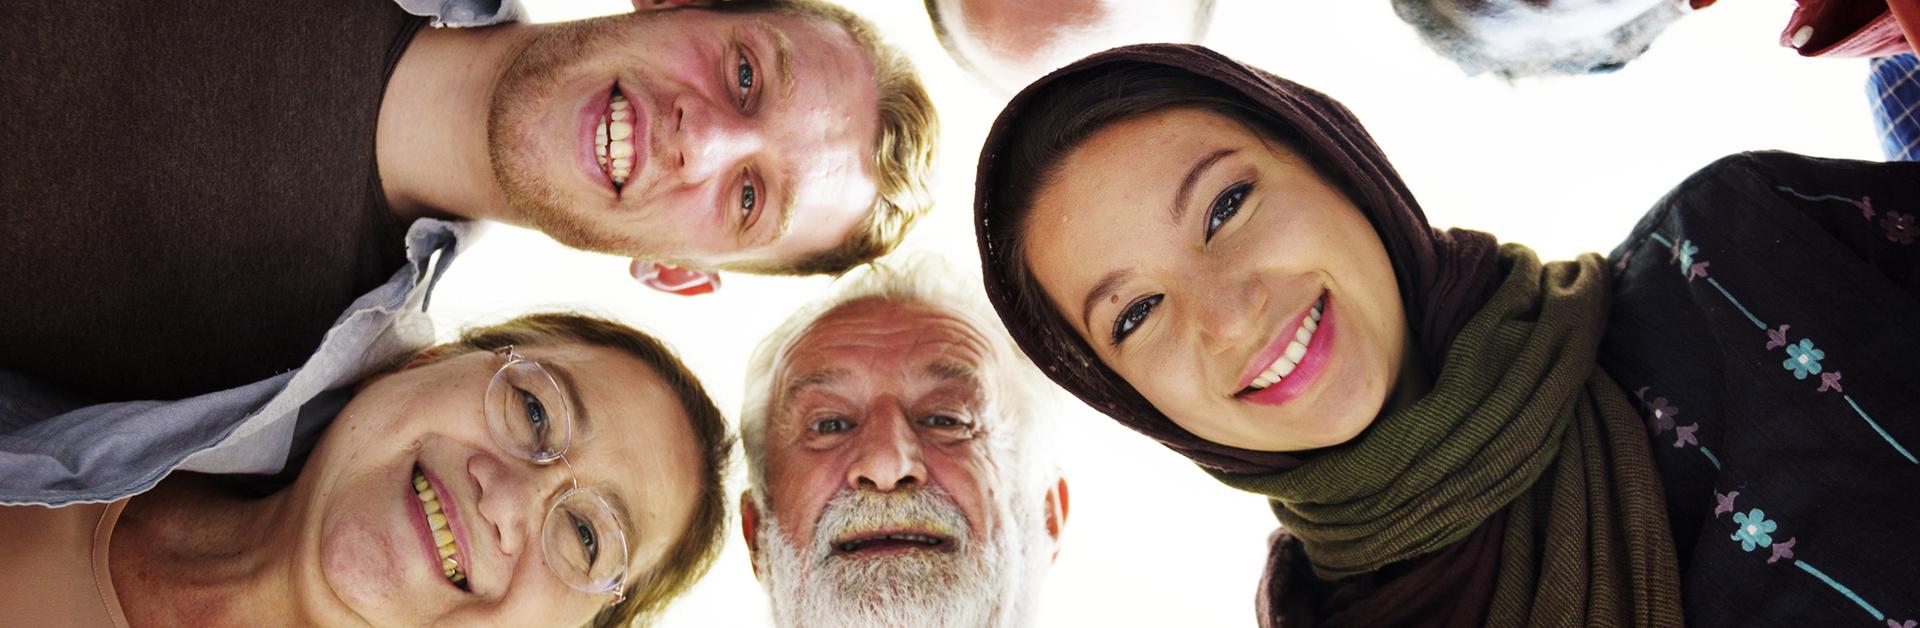 Foto de quatro pessoas olhando para baixo, uma mulher usa um véu sobre a cabeça, uma mulher é mais velha de óculos, um homem tem barba branca e um homem é jovem